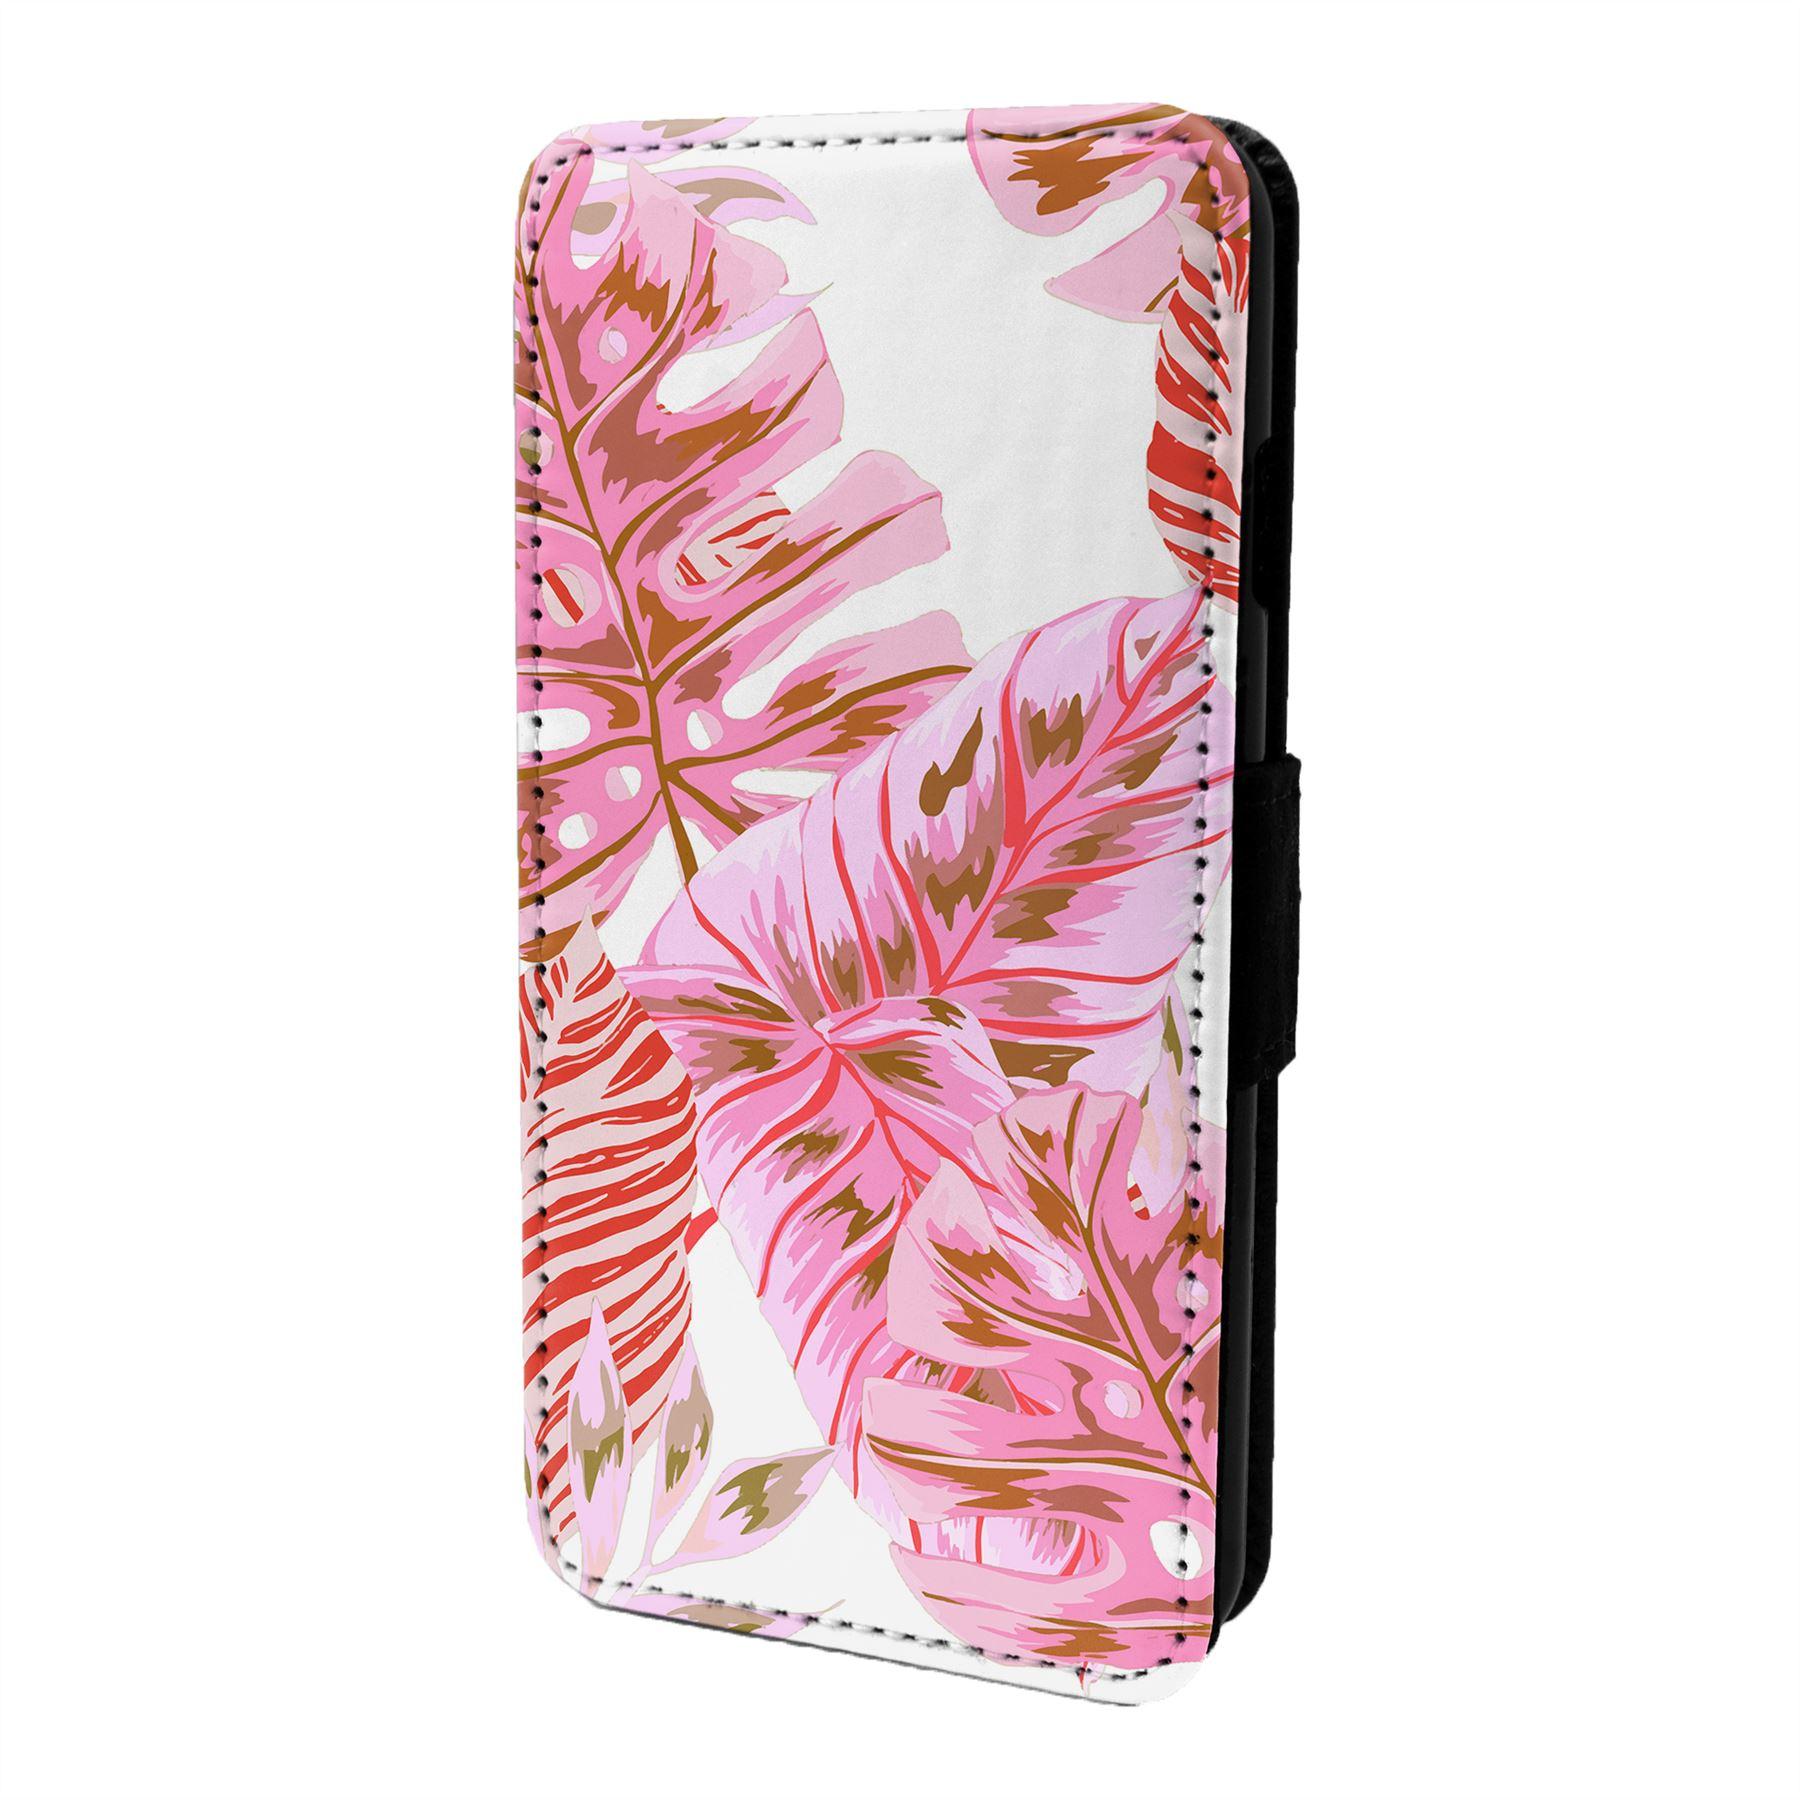 Tropical-Estampado-Funda-Libro-para-Telefono-Movil-S7115